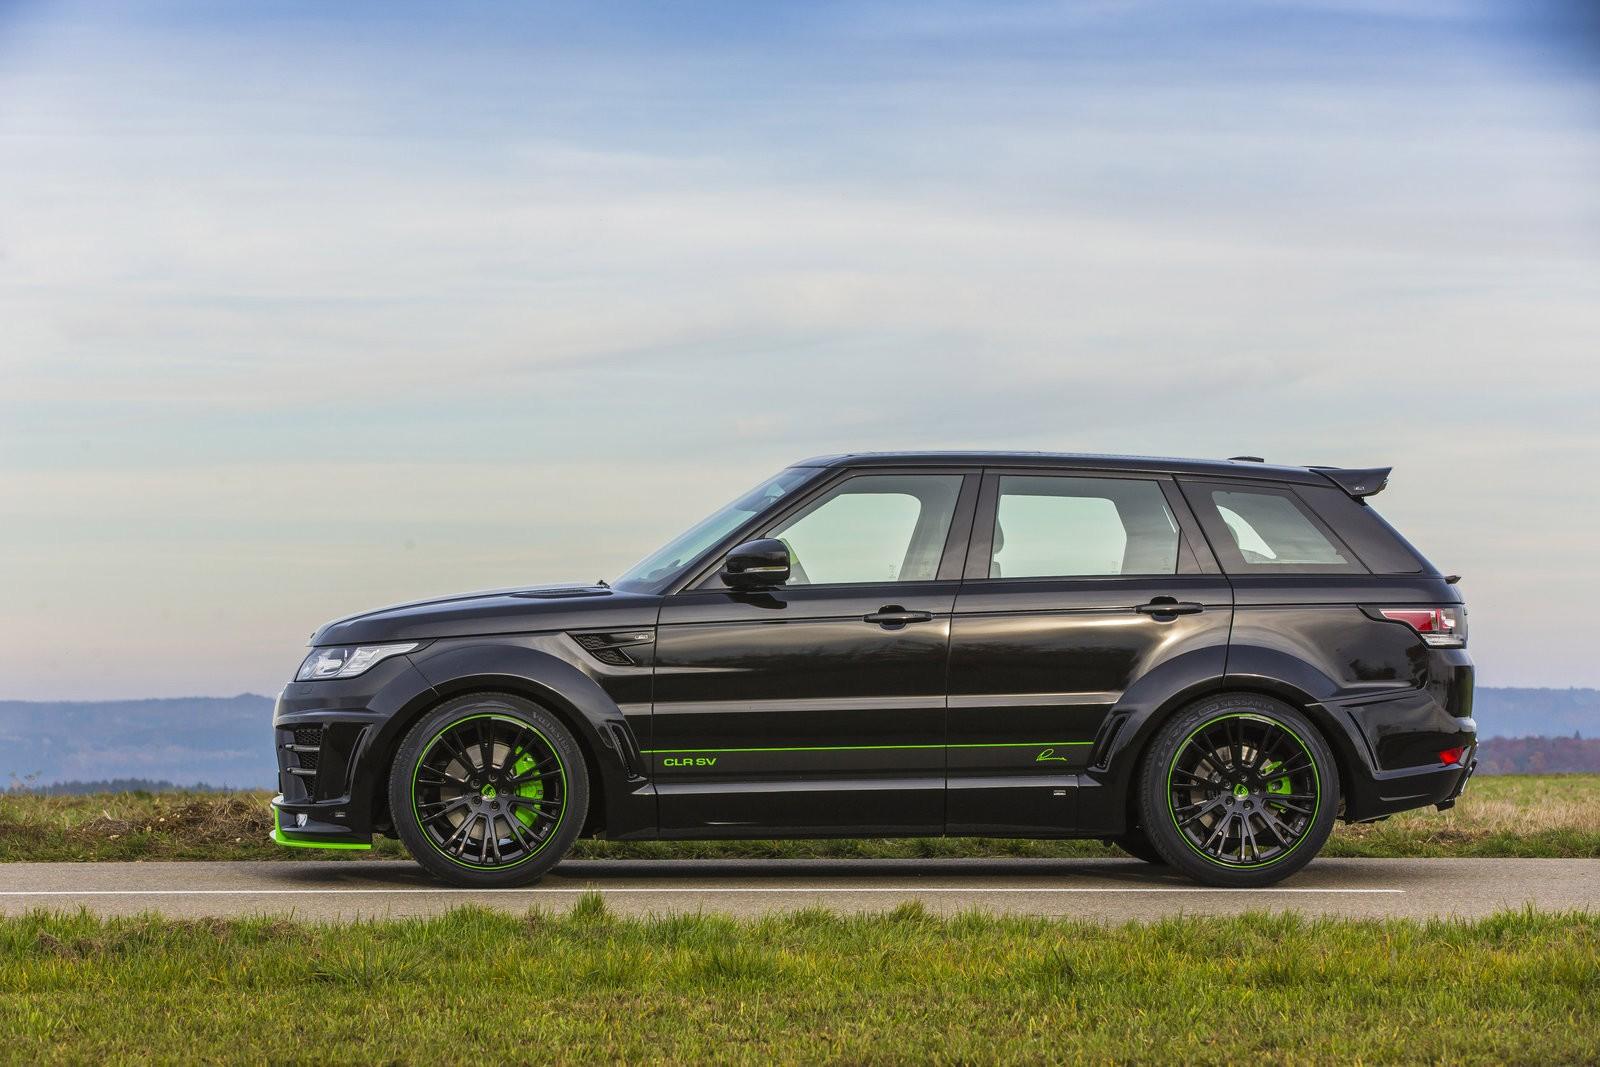 Lumma Design Clr Sv Body Kit For The Range Rover Sport